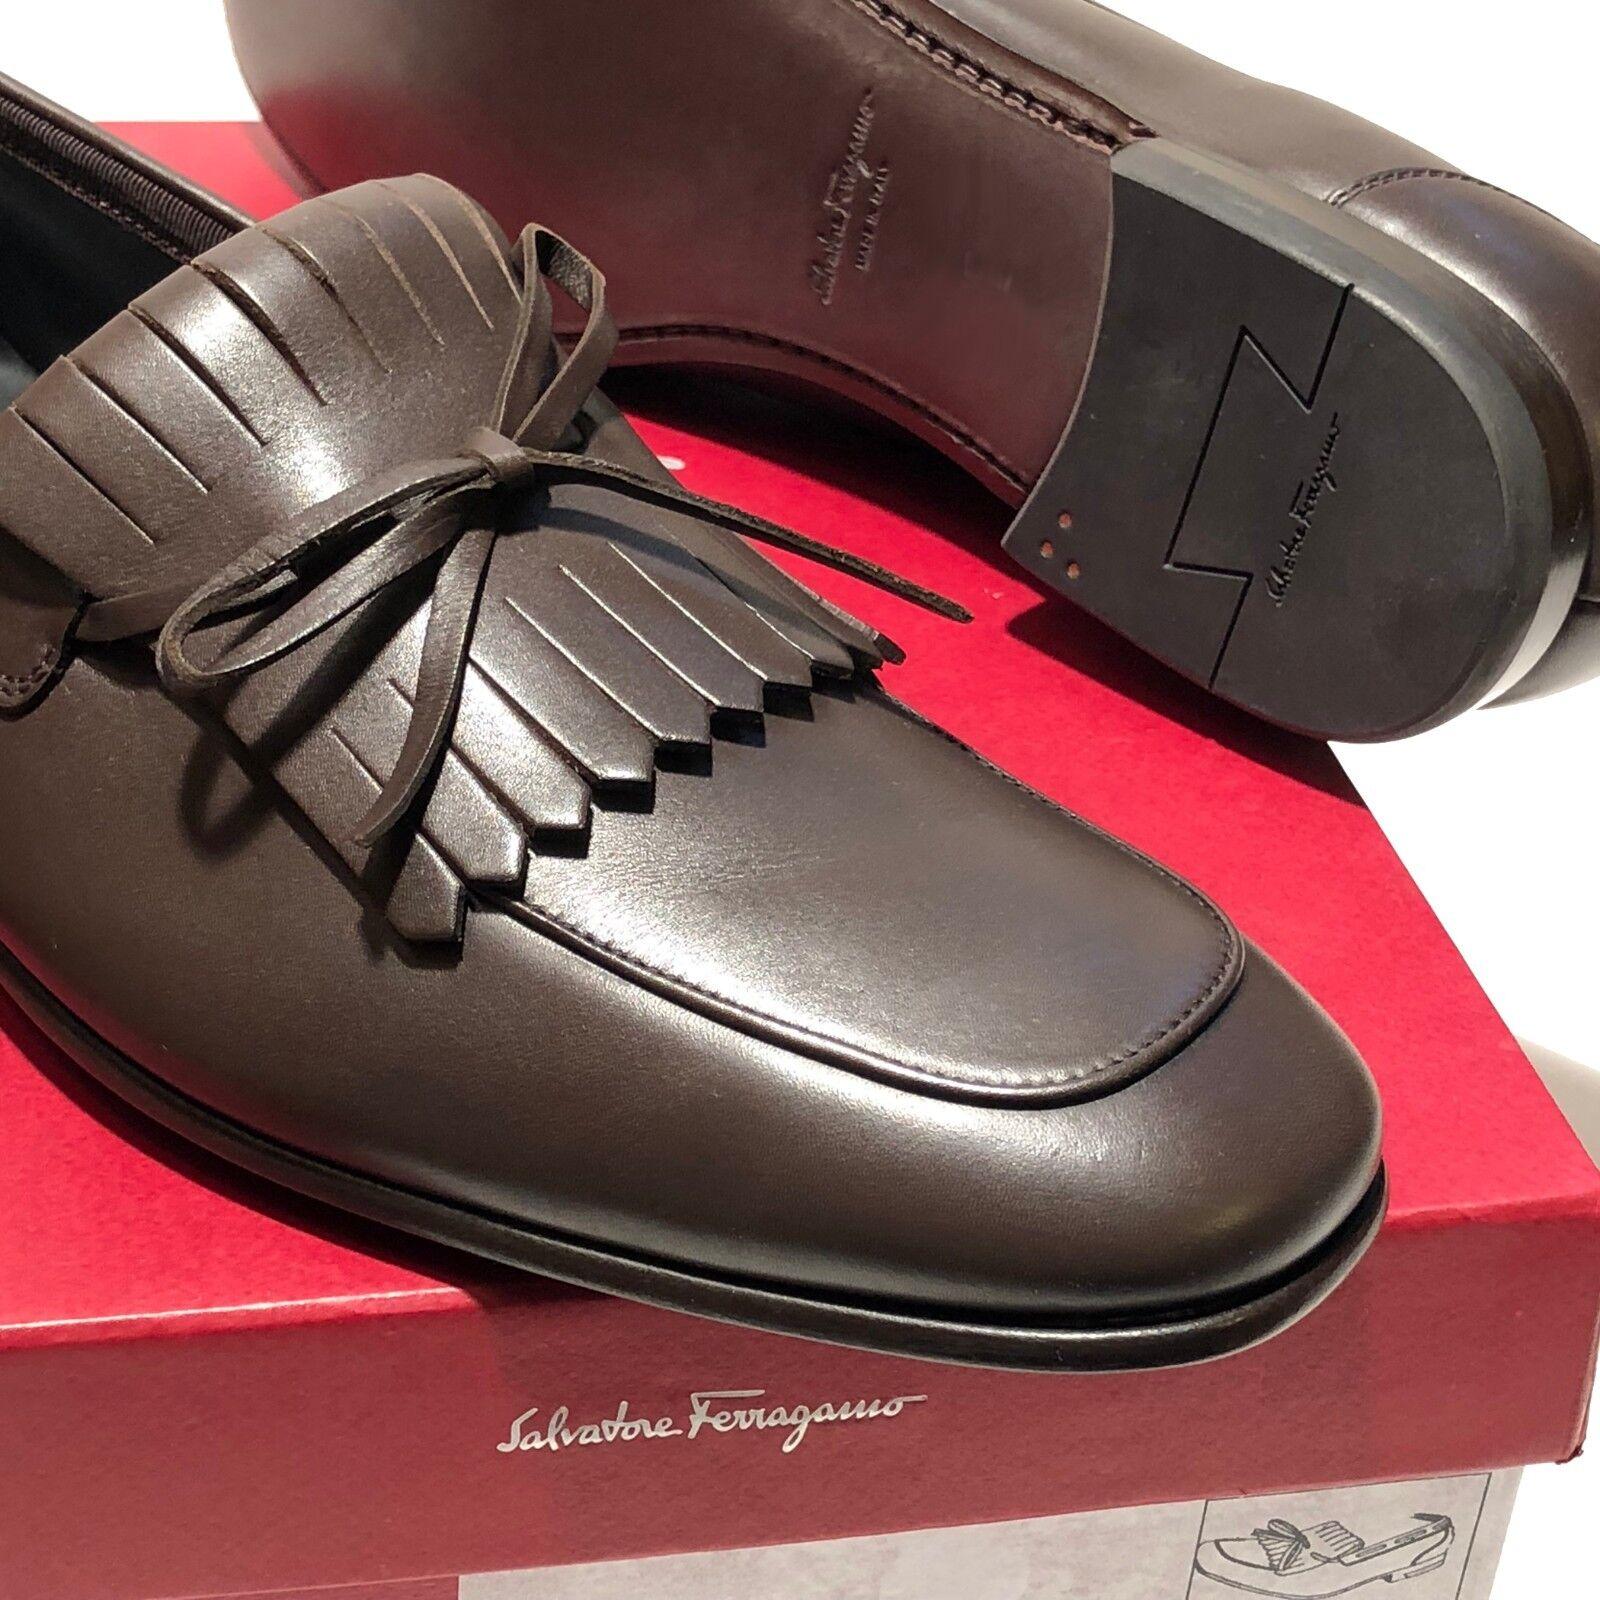 in linea NEW FERRAGAMO Marrone Moccasin Leather Dress Loafers 8.5 EE 41.5 41.5 41.5 Uomo Casual 42  nuovi prodotti novità